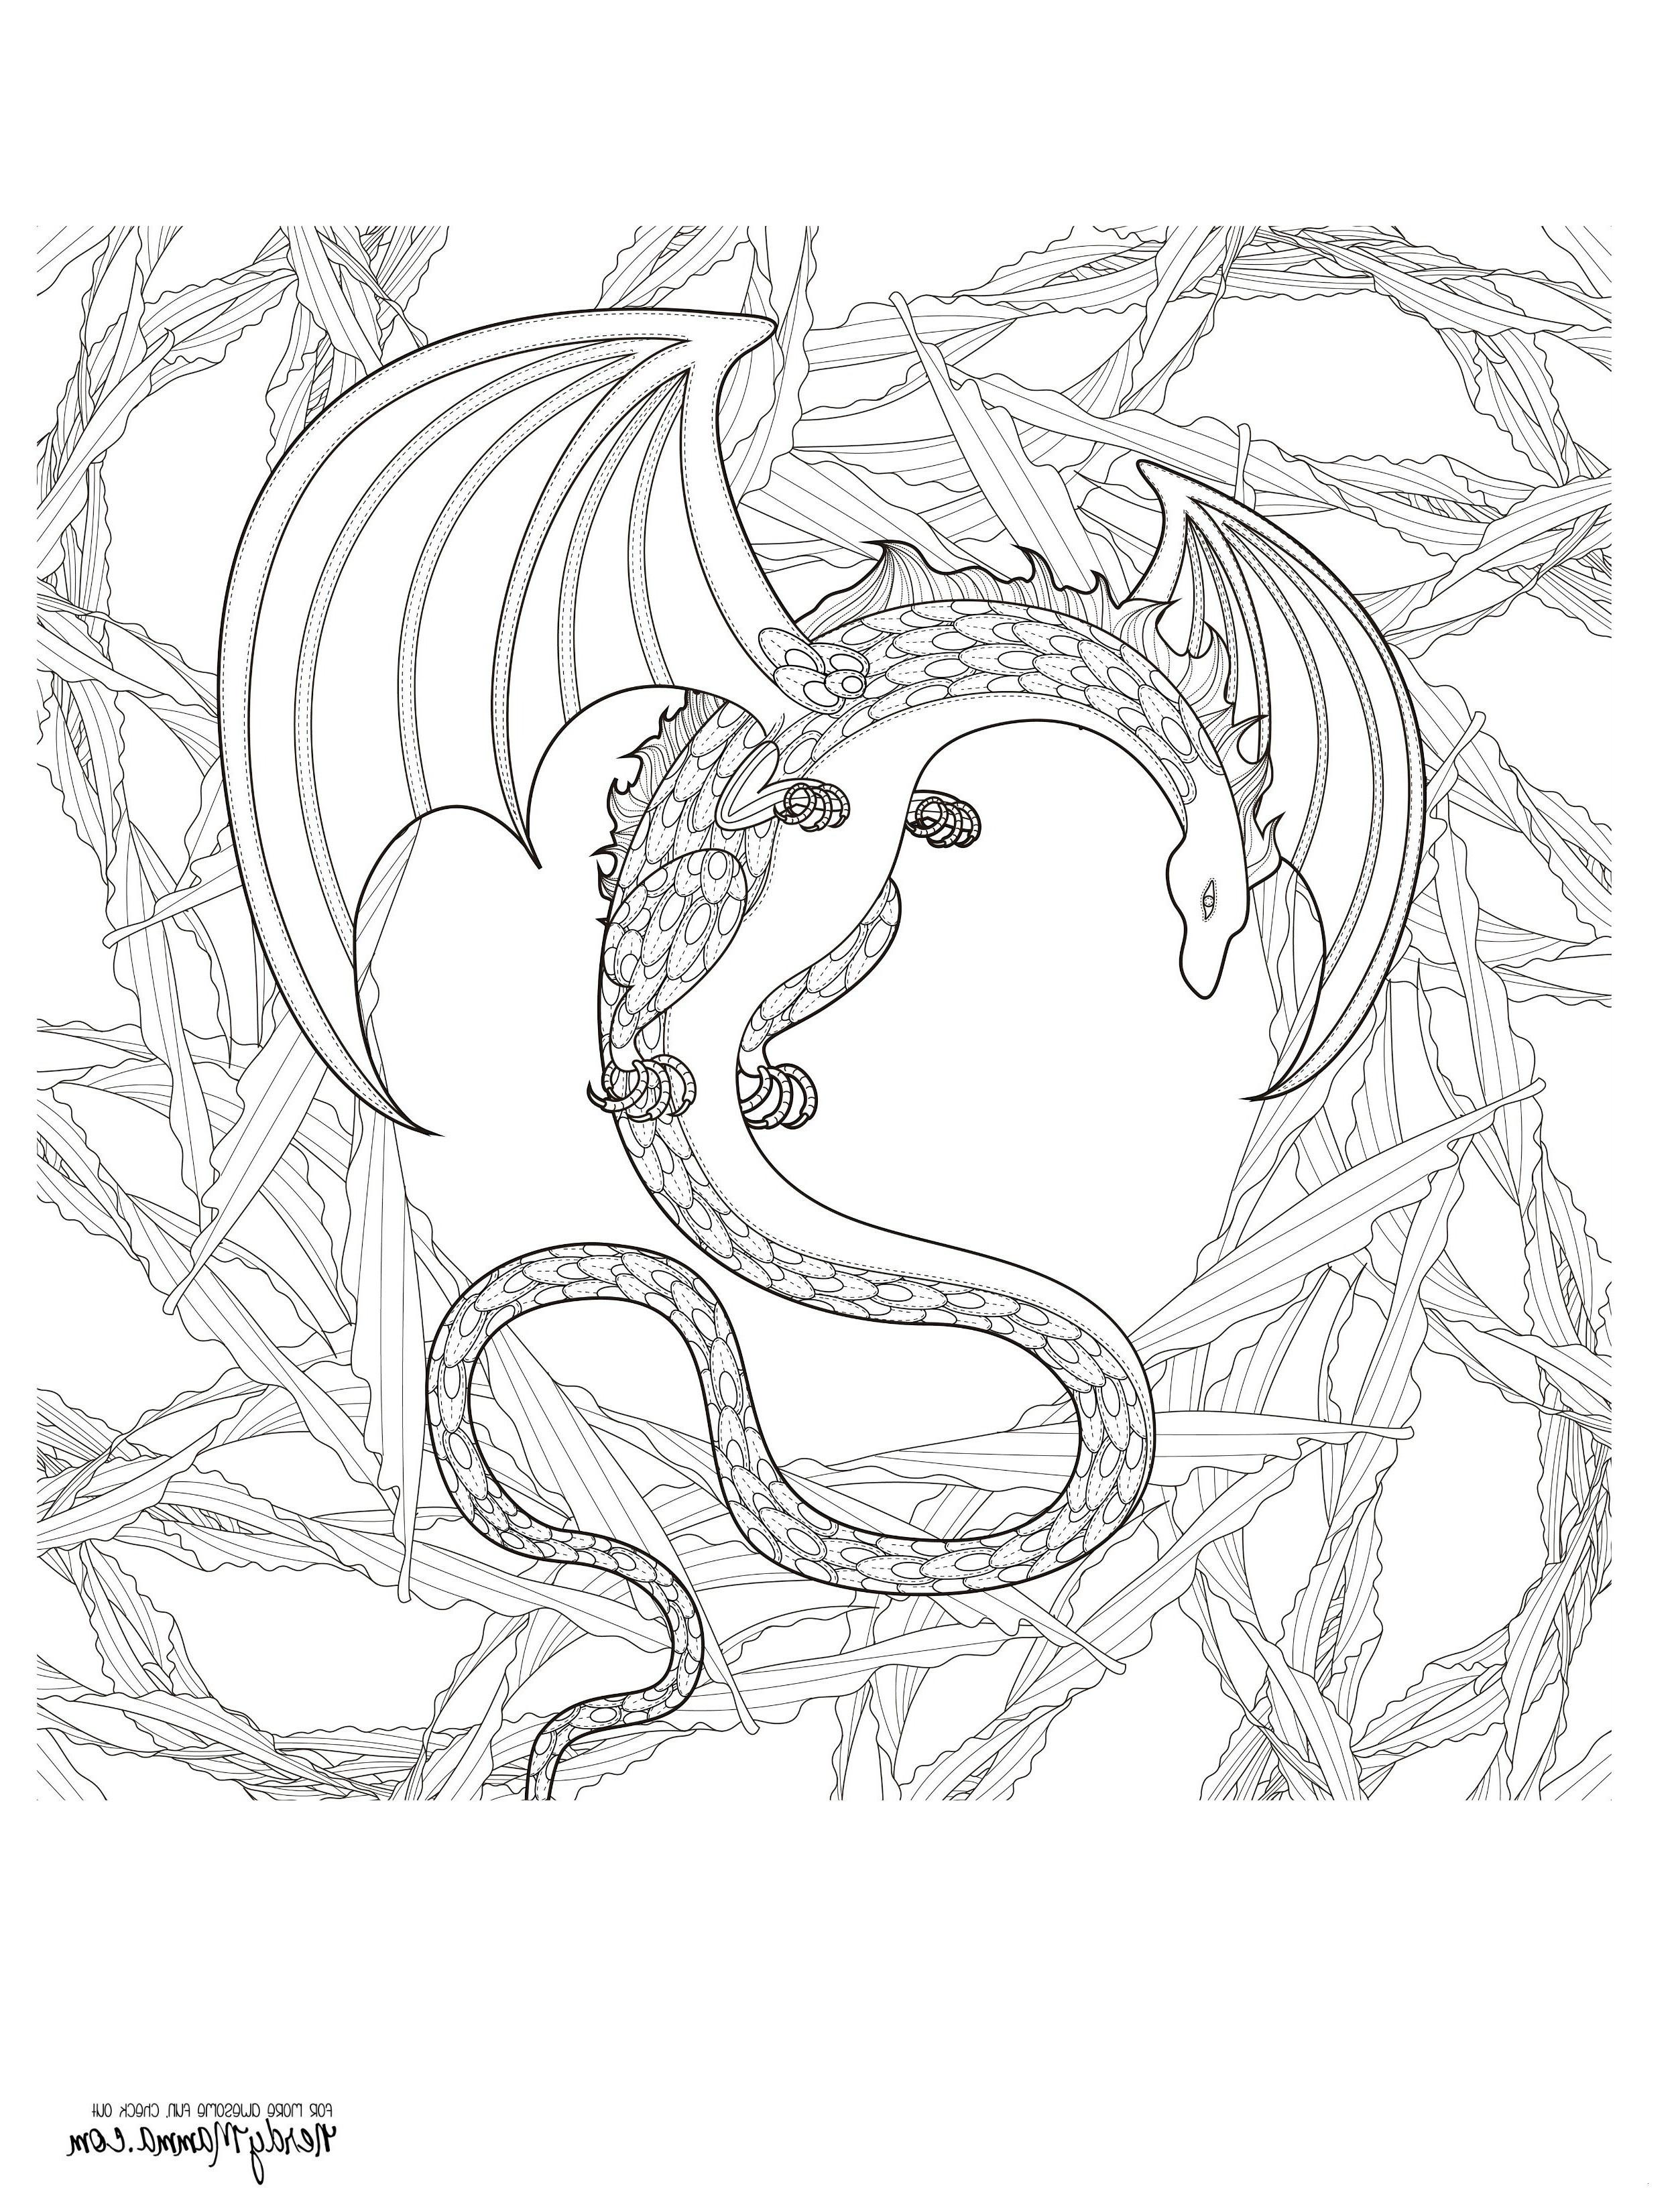 Ninjago Augen Malvorlage Inspirierend 26 Fantastisch Ninjago Pythor Ausmalbilder – Malvorlagen Ideen Bild